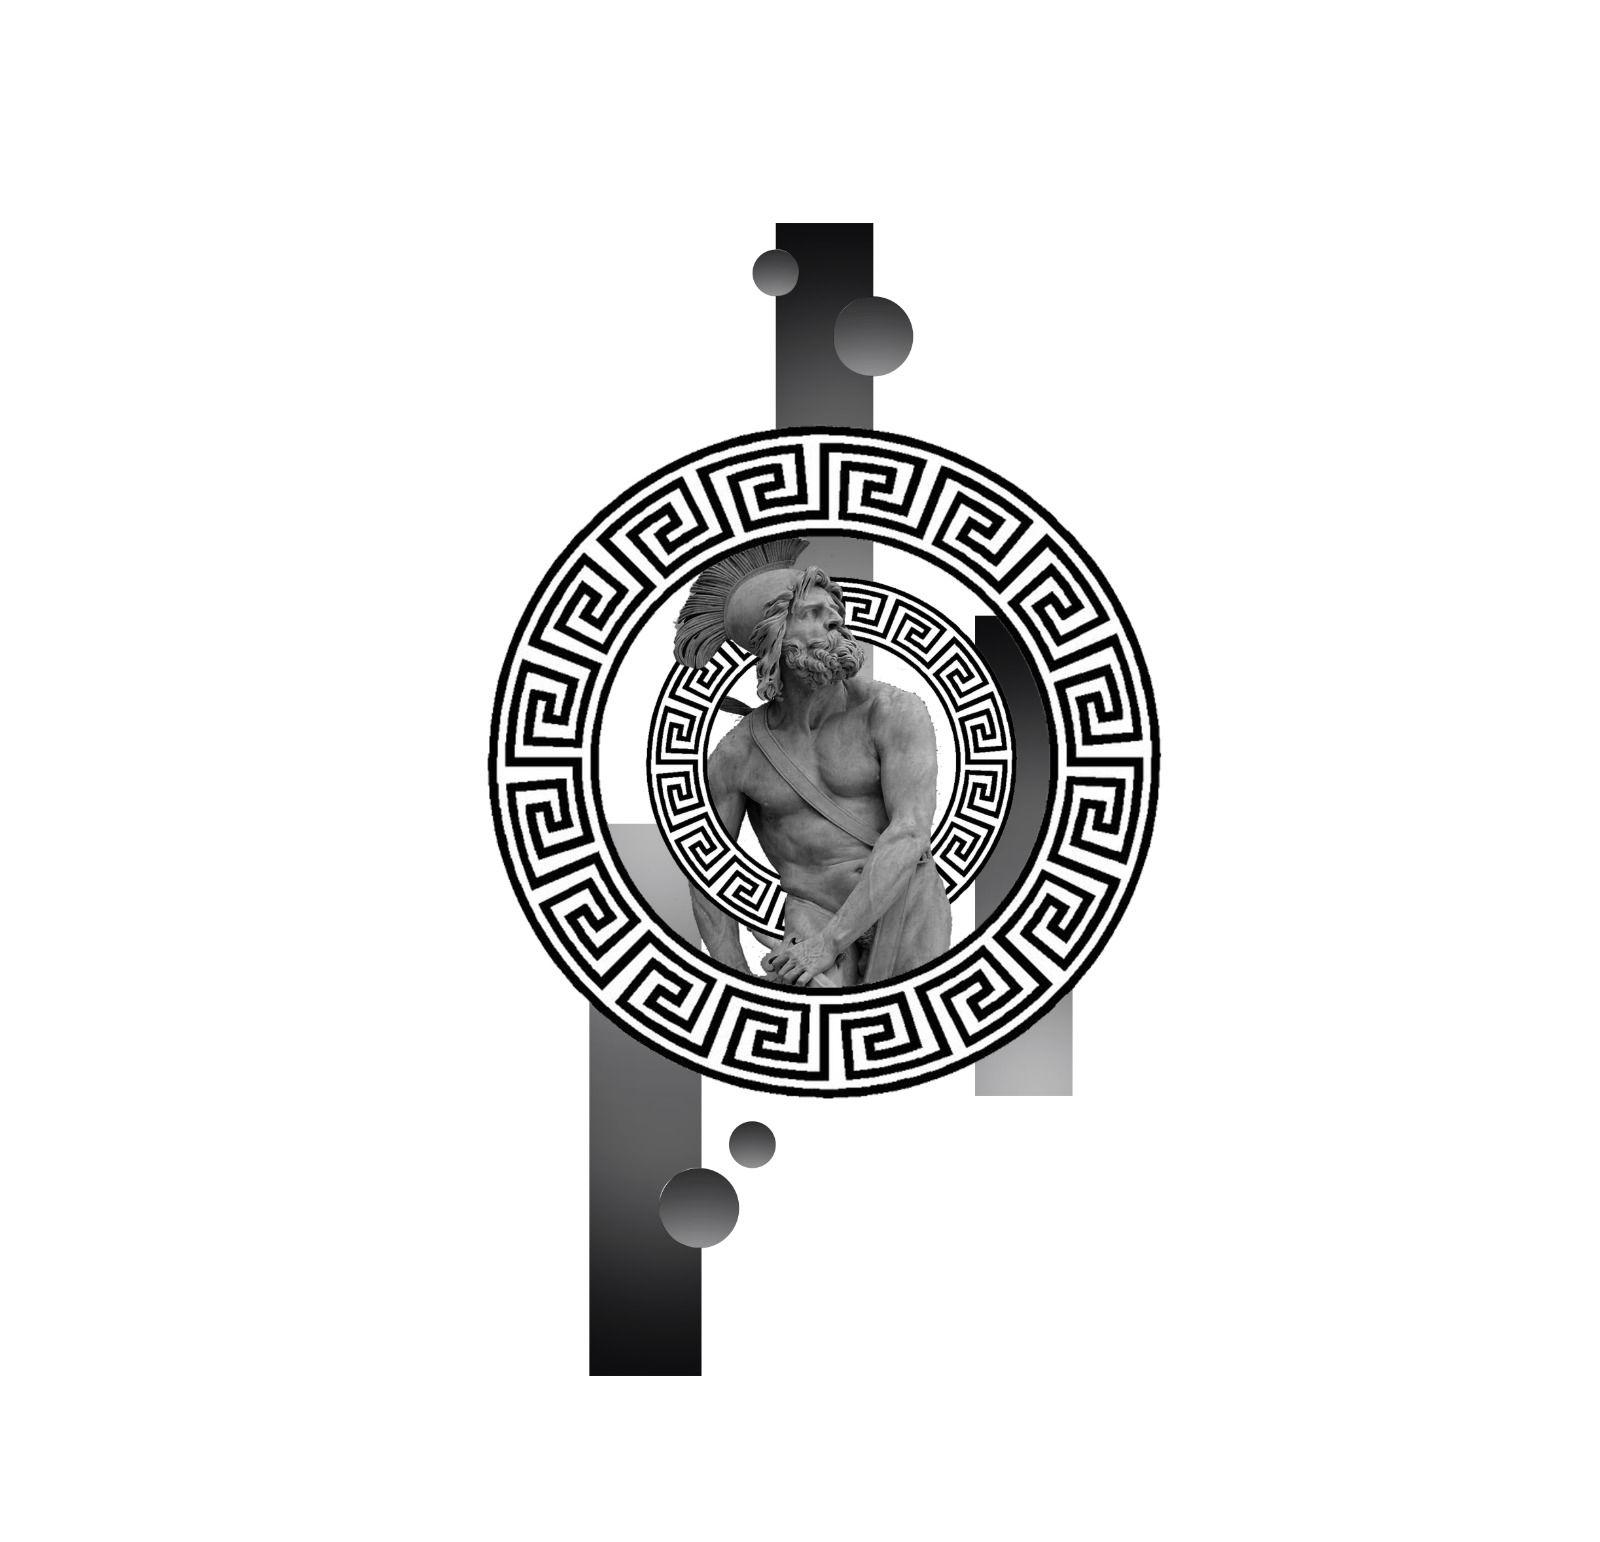 #tattoos #tattoo #ink #inked #tattooed #tattooartist #art #tattooart #tattoolife #tattooing #tattooist #artist #girlswithtattoos #tattooer #blackwork #inkedup #blackandgreytattoo #inkedgirls #tattooideas #vikingstattoo #tattoostyle #tattoodesign #blackandgrey  #tattooink #tatuajes #bhfyp  #atakum #samsuntattoo #darkworktattoo #lineworktattoo